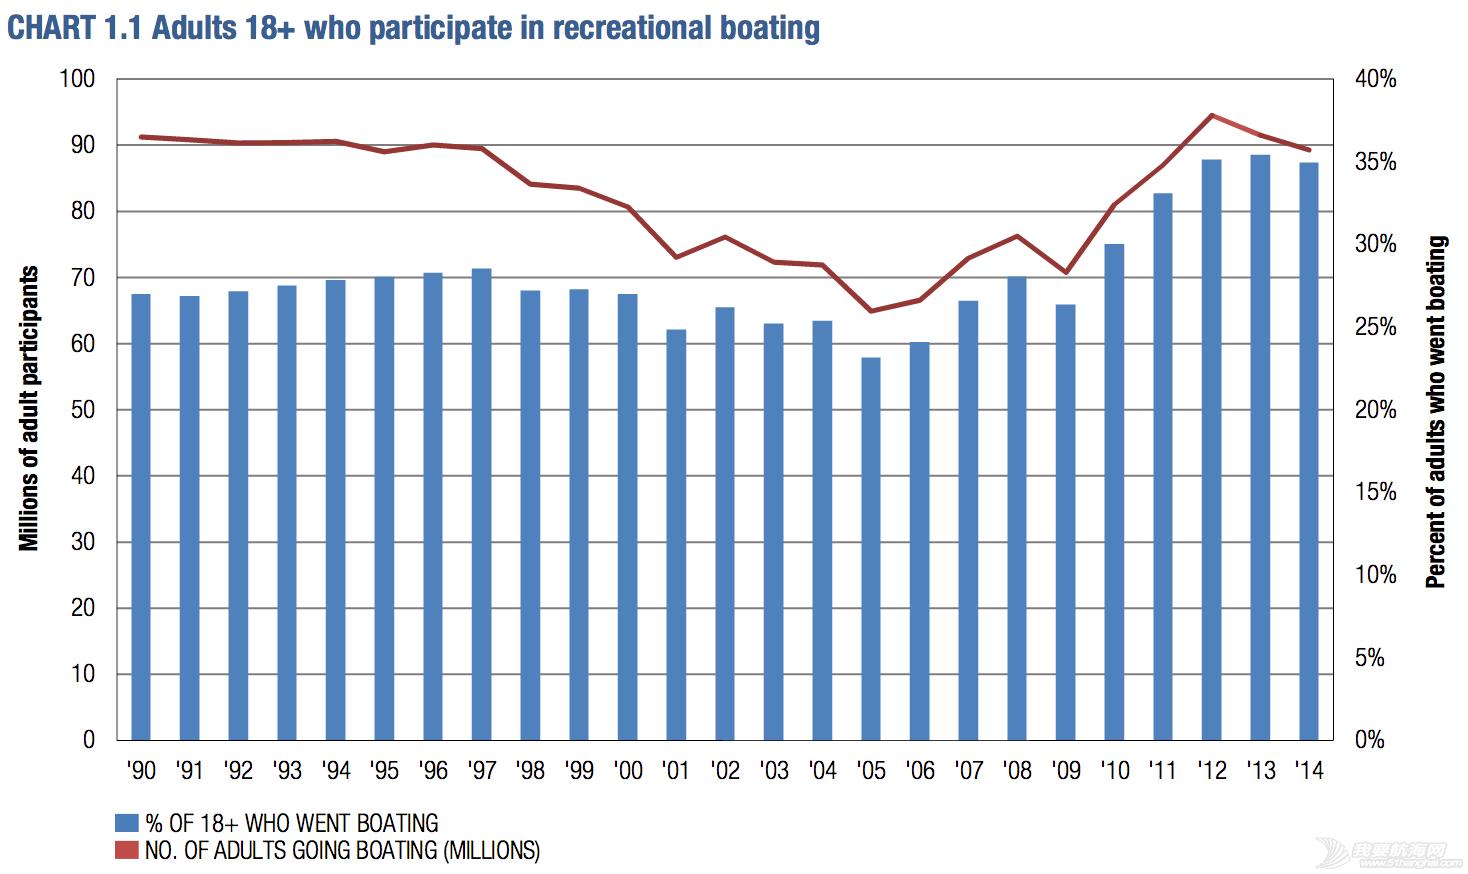 帆船,行业,生产总值,旧金山,交通运输 中美游艇帆船行业的发展差距 AdultsRecreationalBoating.png